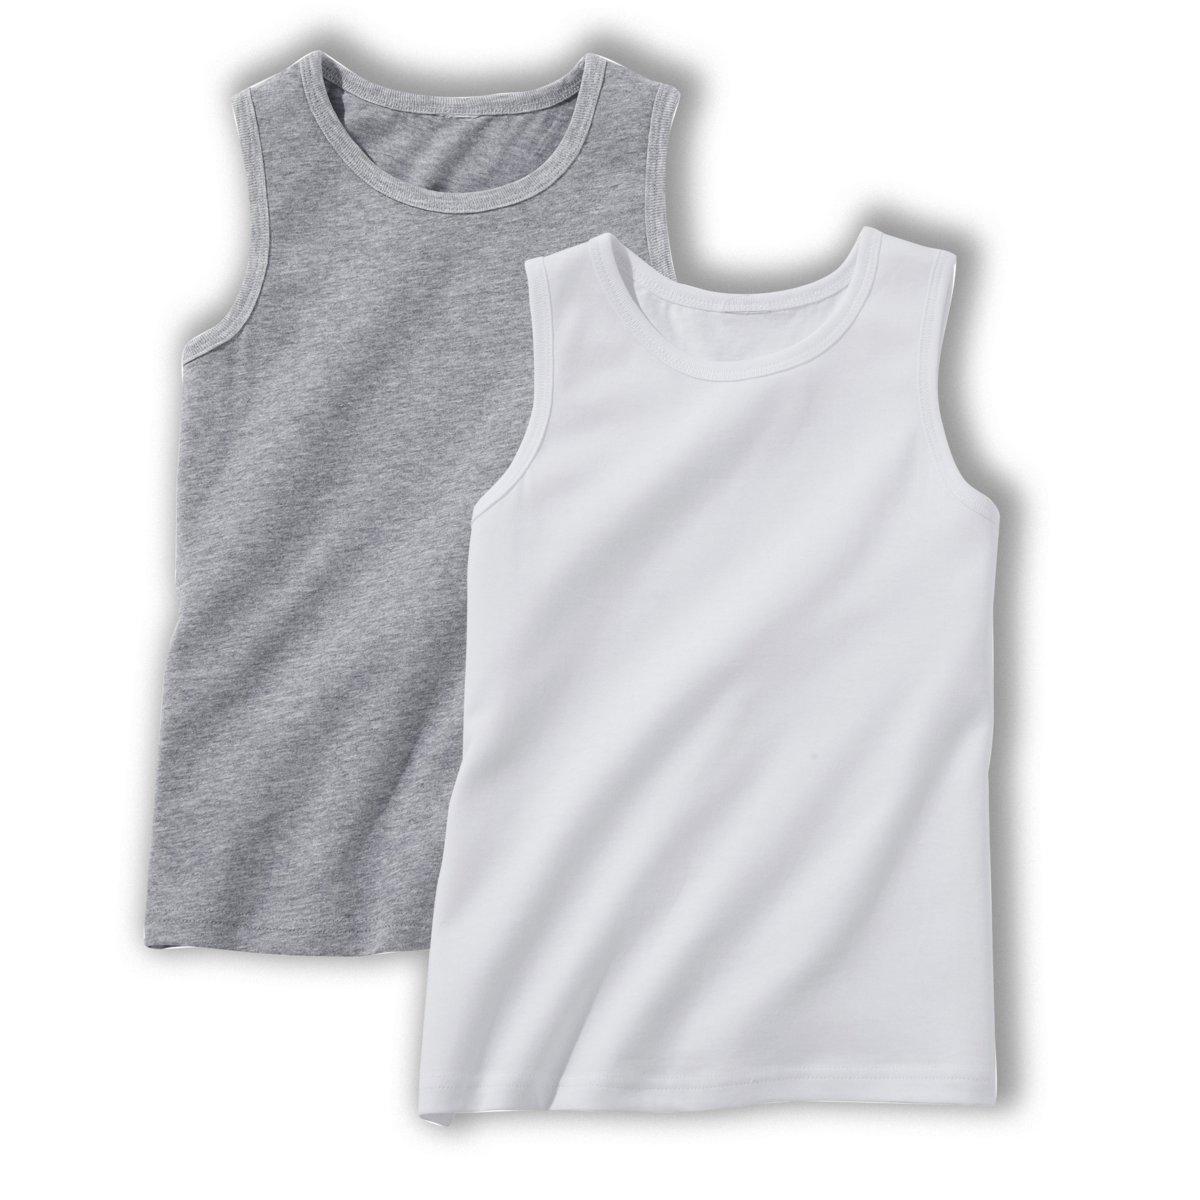 Комплект из 2 однотонных футболок, 3-12 лет от La Redoute